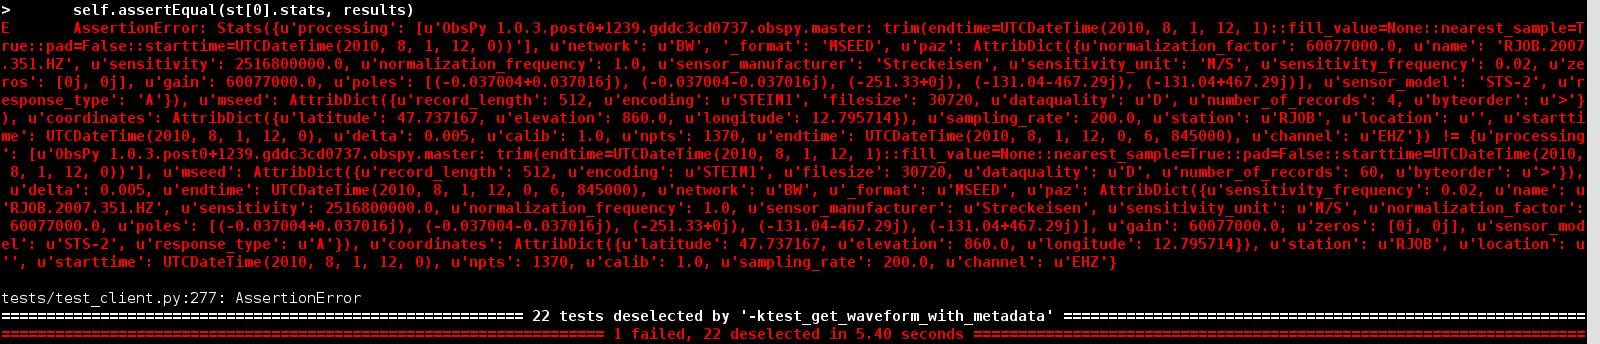 screenshot from 2017-05-18 13 59 25